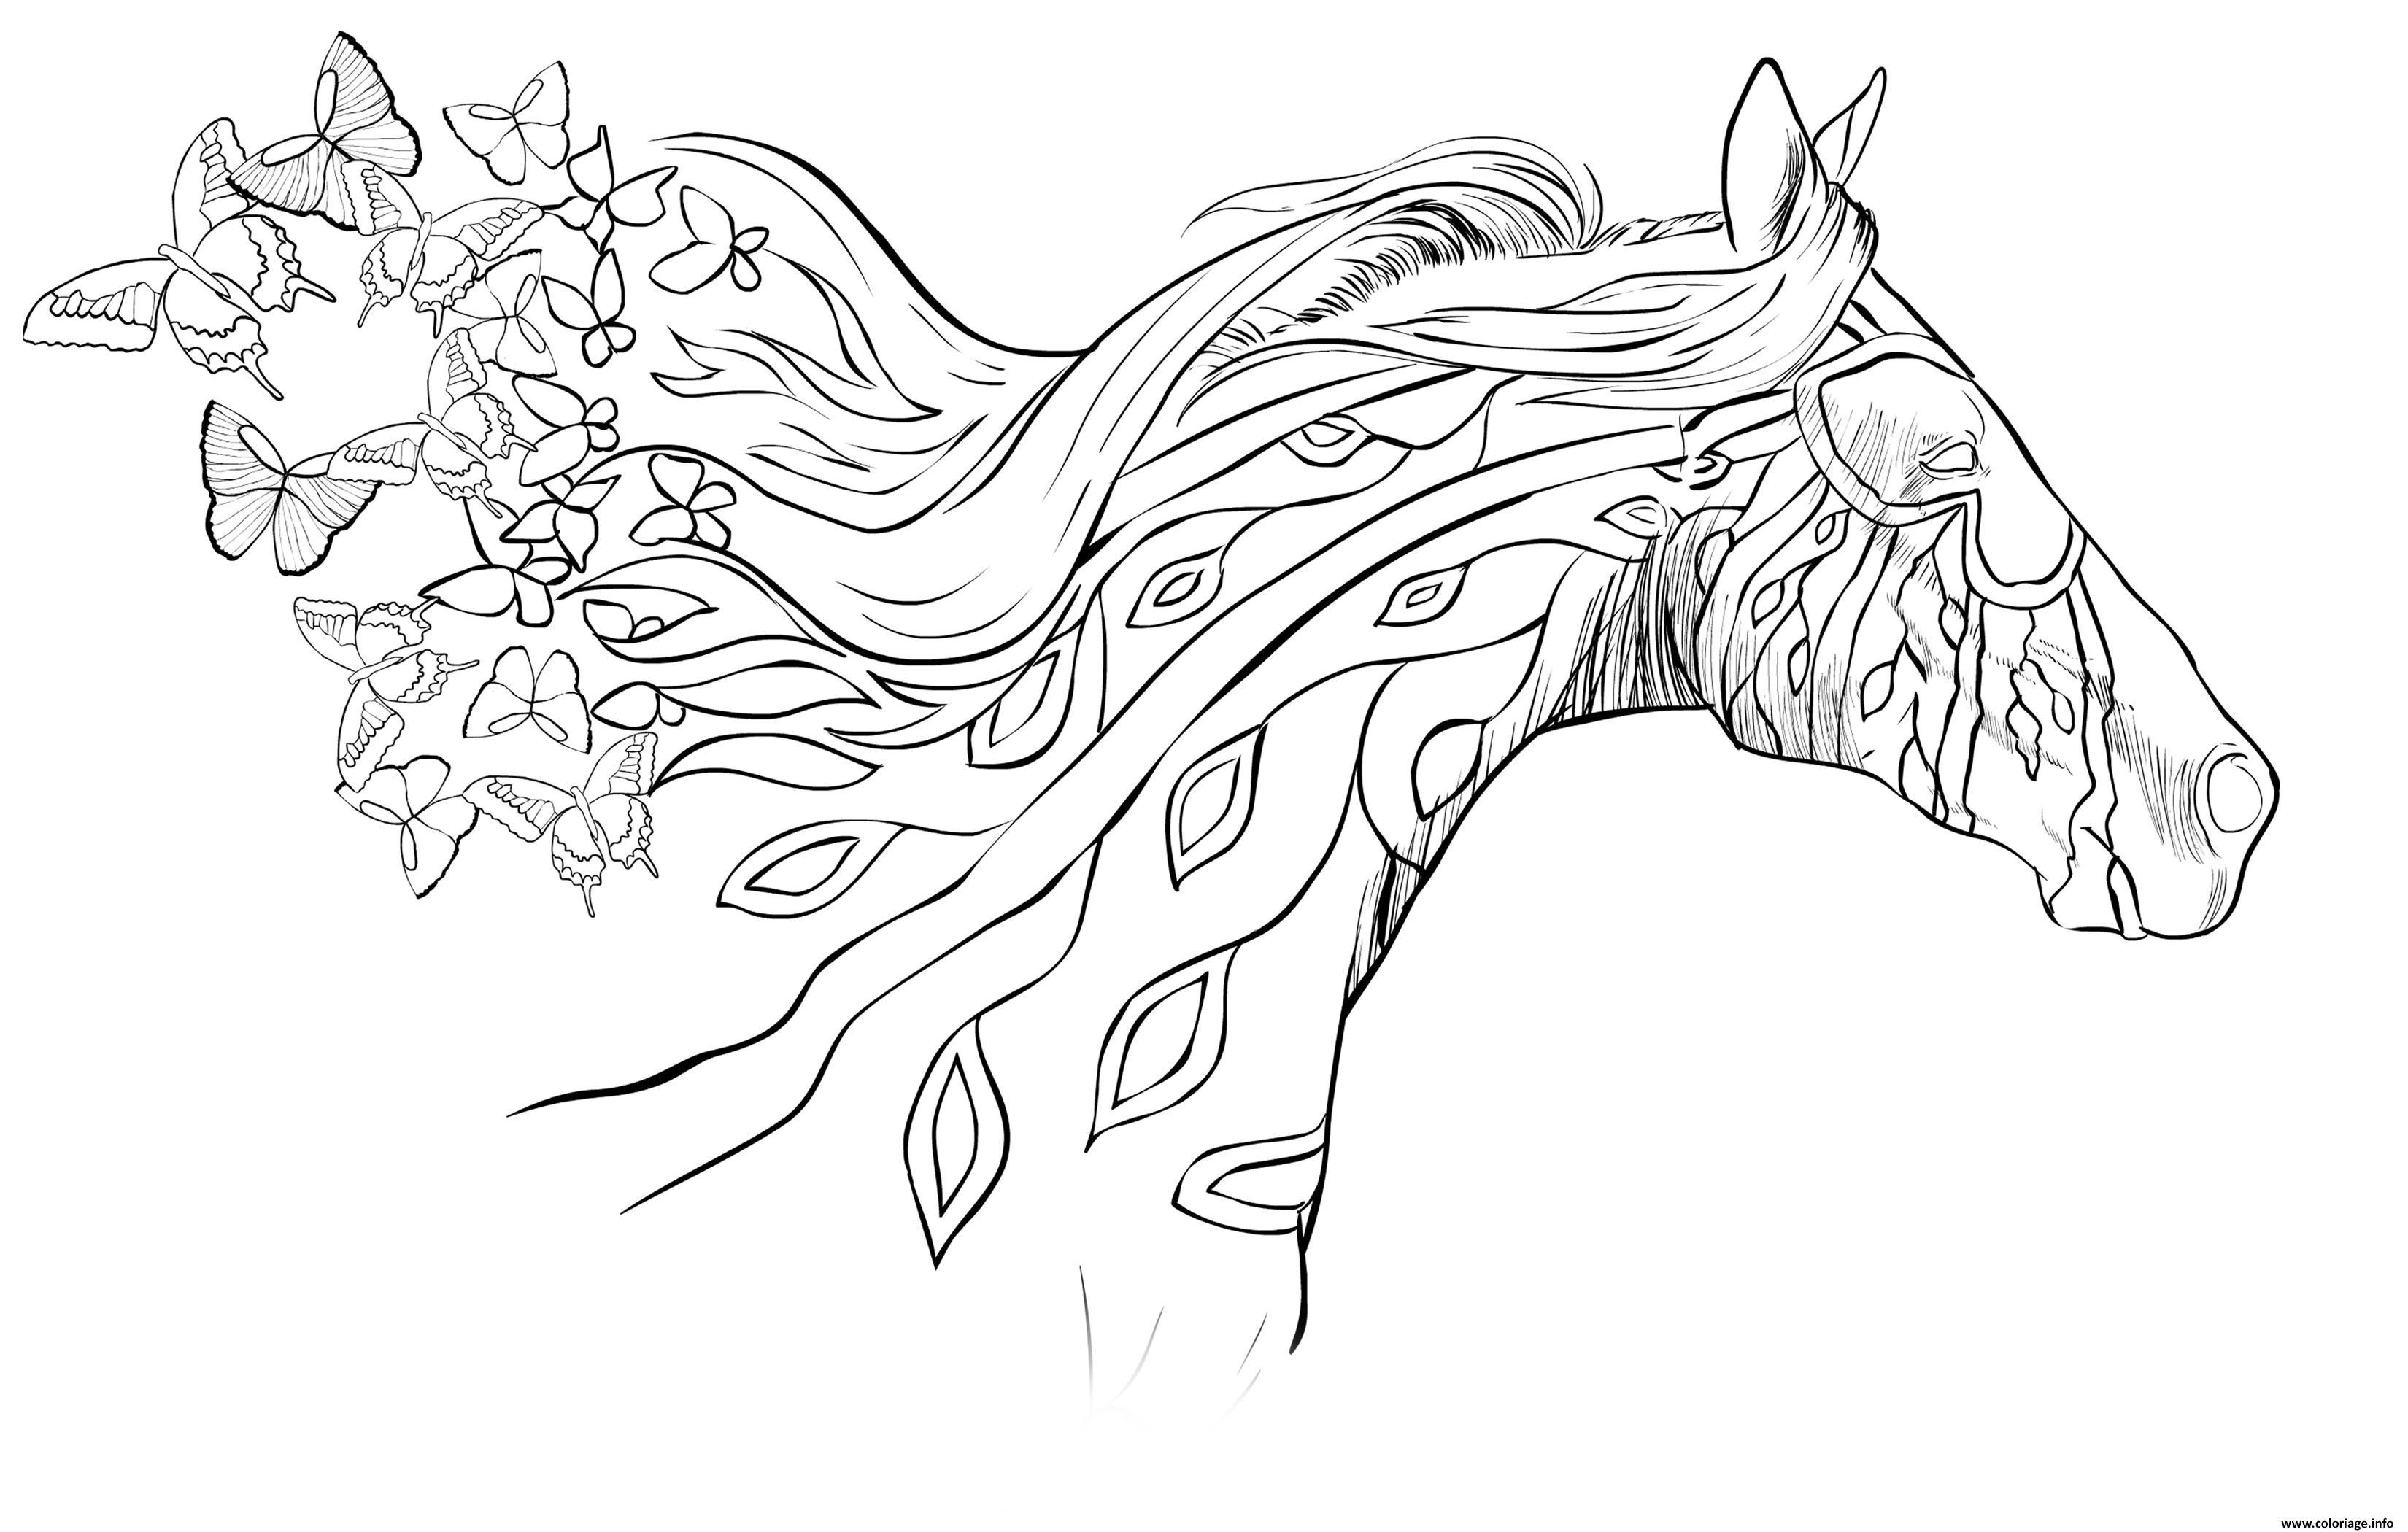 Dessin adulte cheval au galot avec papillons dans les airs Coloriage Gratuit à Imprimer